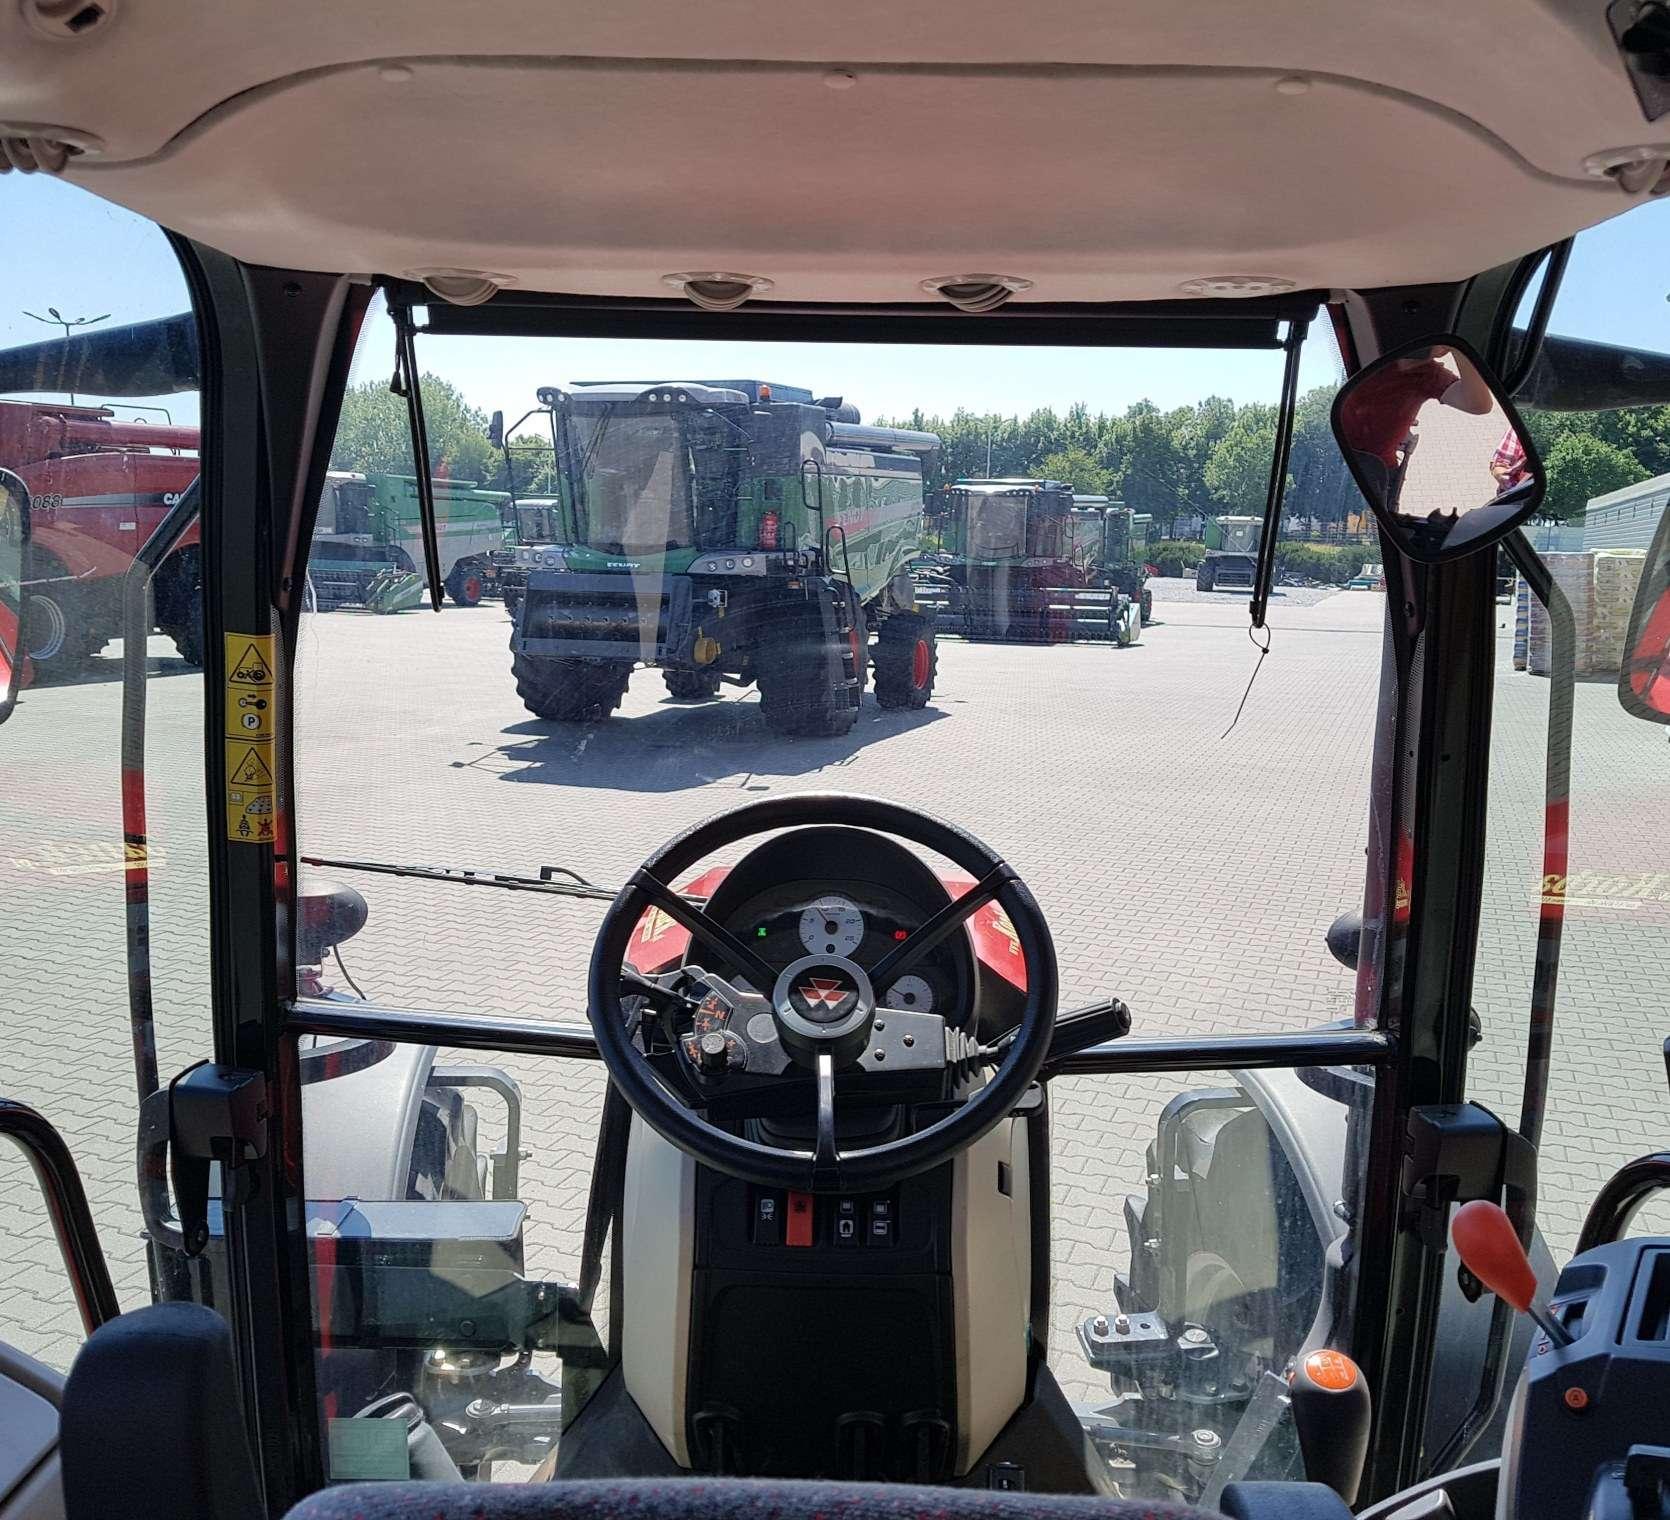 doskonała widoczność z miejsca operatora w kabinie ciągnika Massey Ferguson 4709 Tier 4F